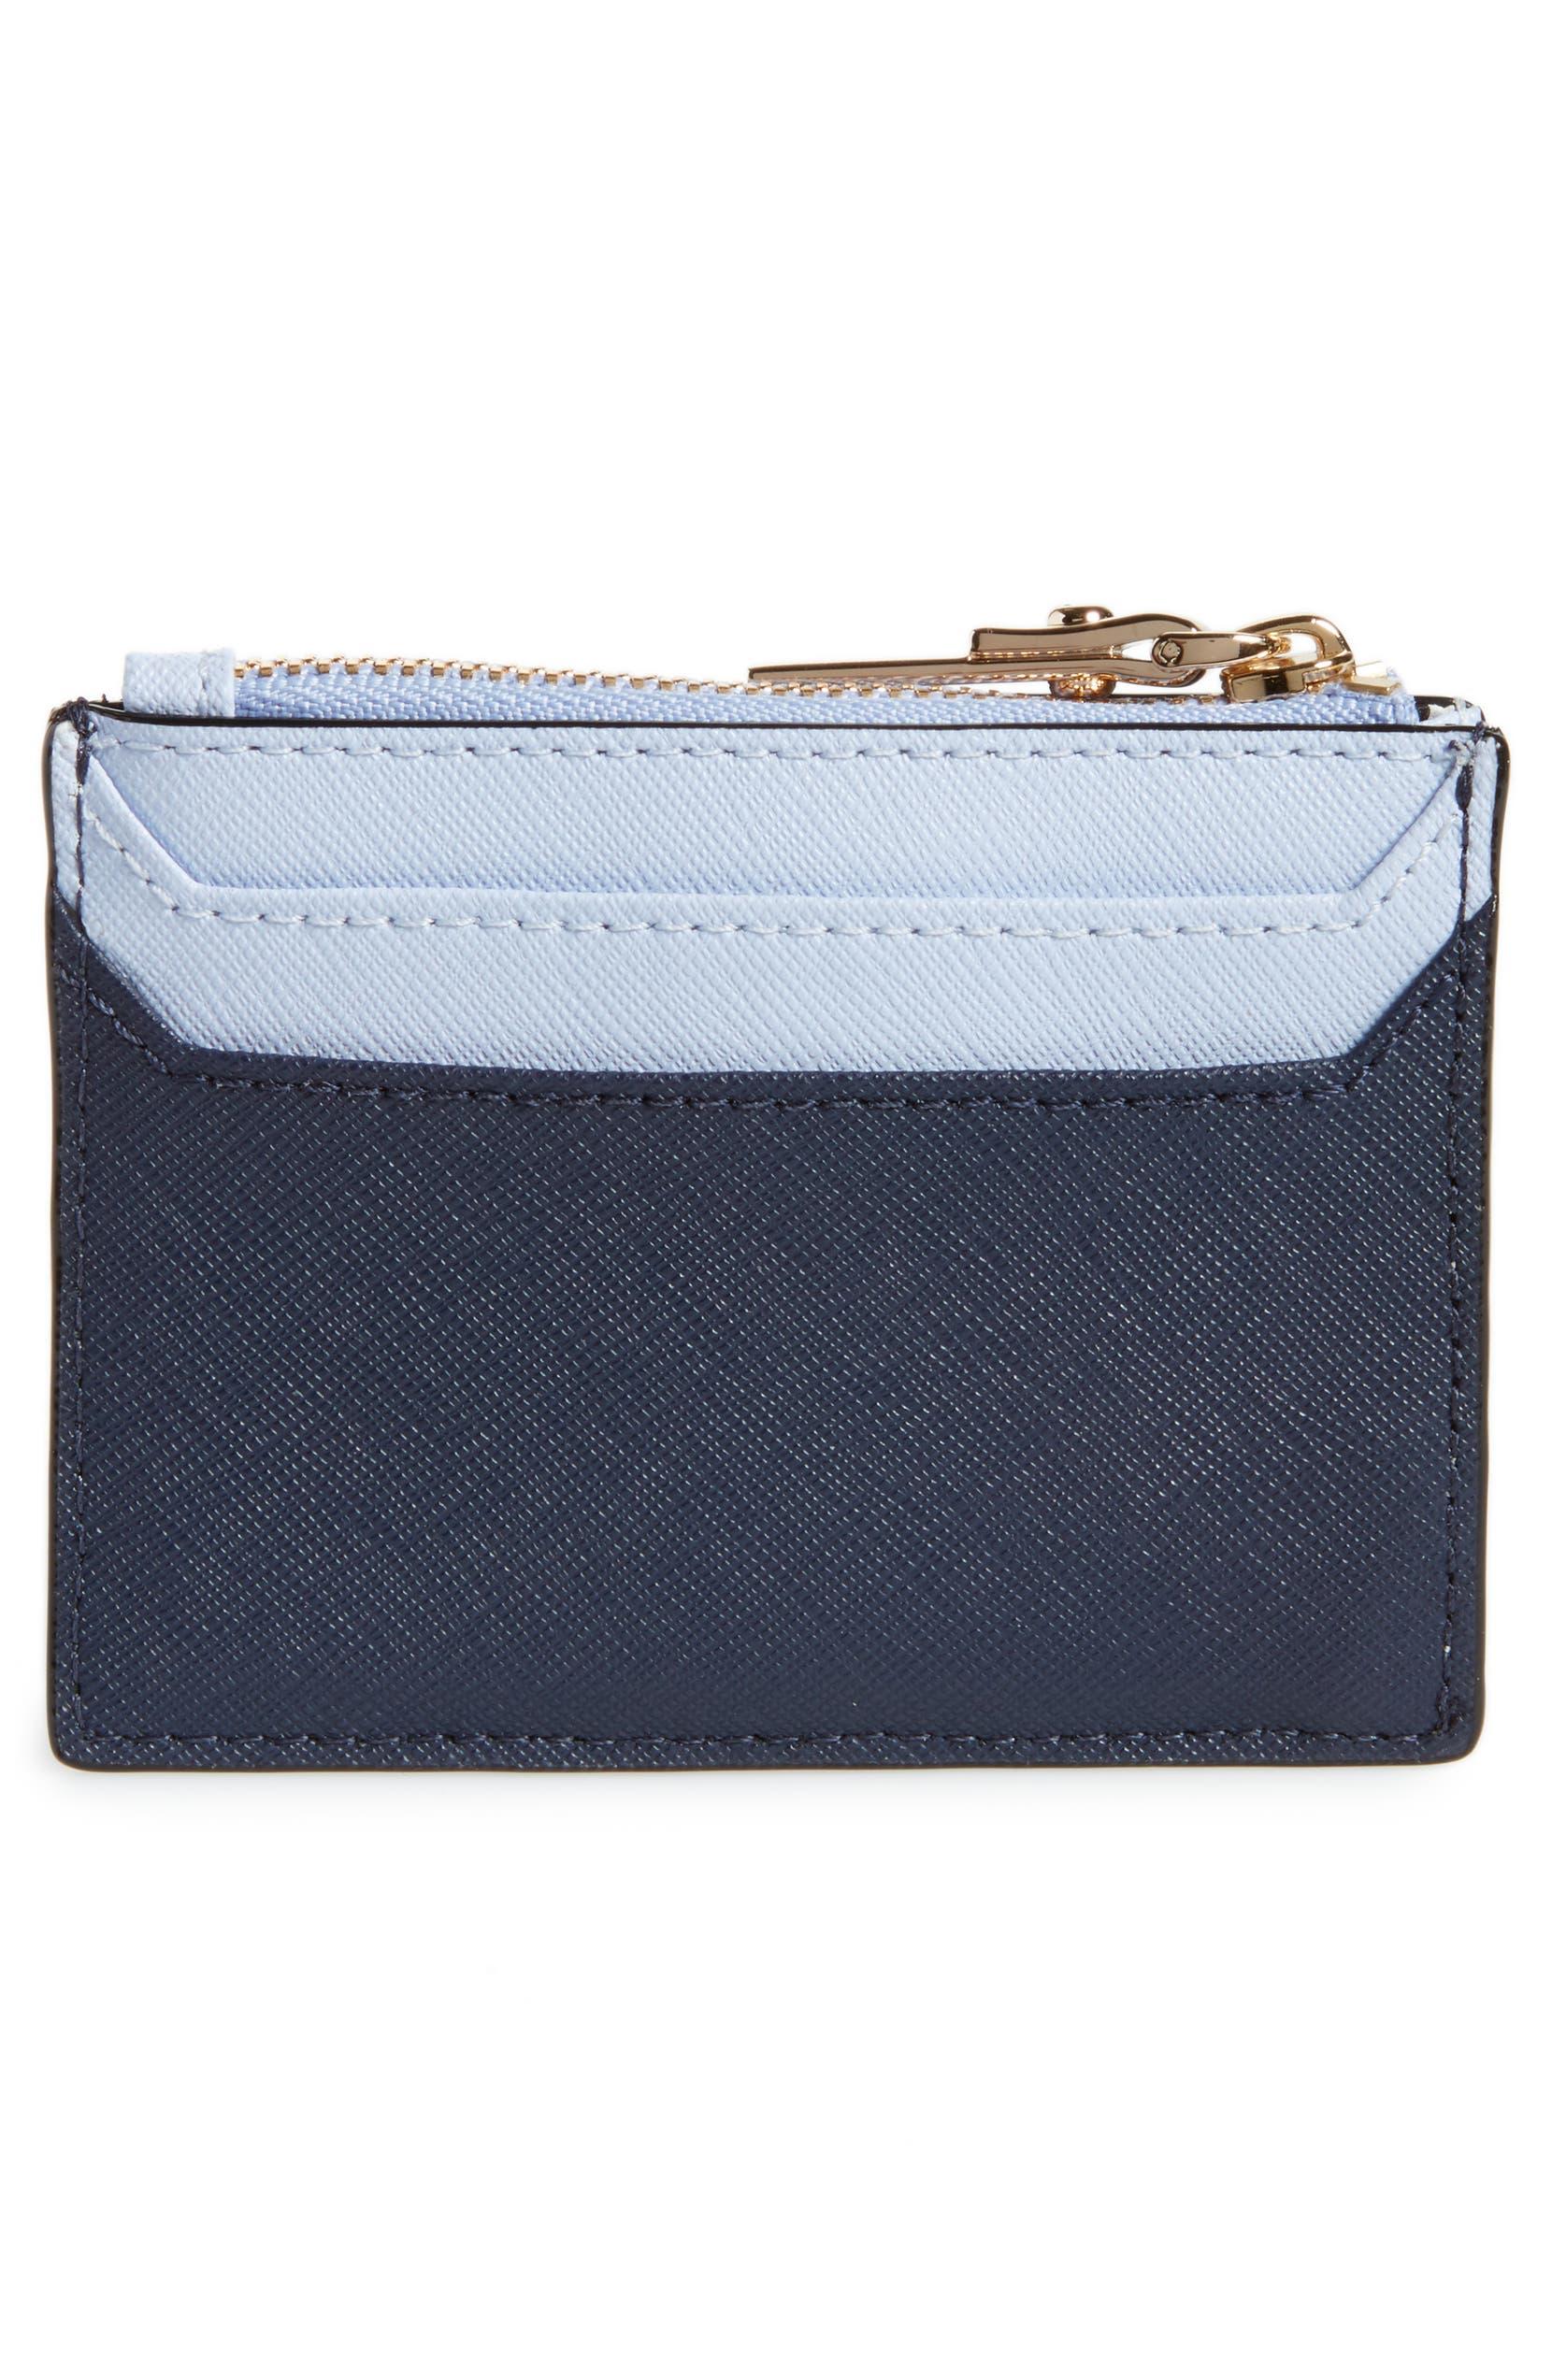 kate spade new york cameron street - lalena leather card case ... 162e5842e6109